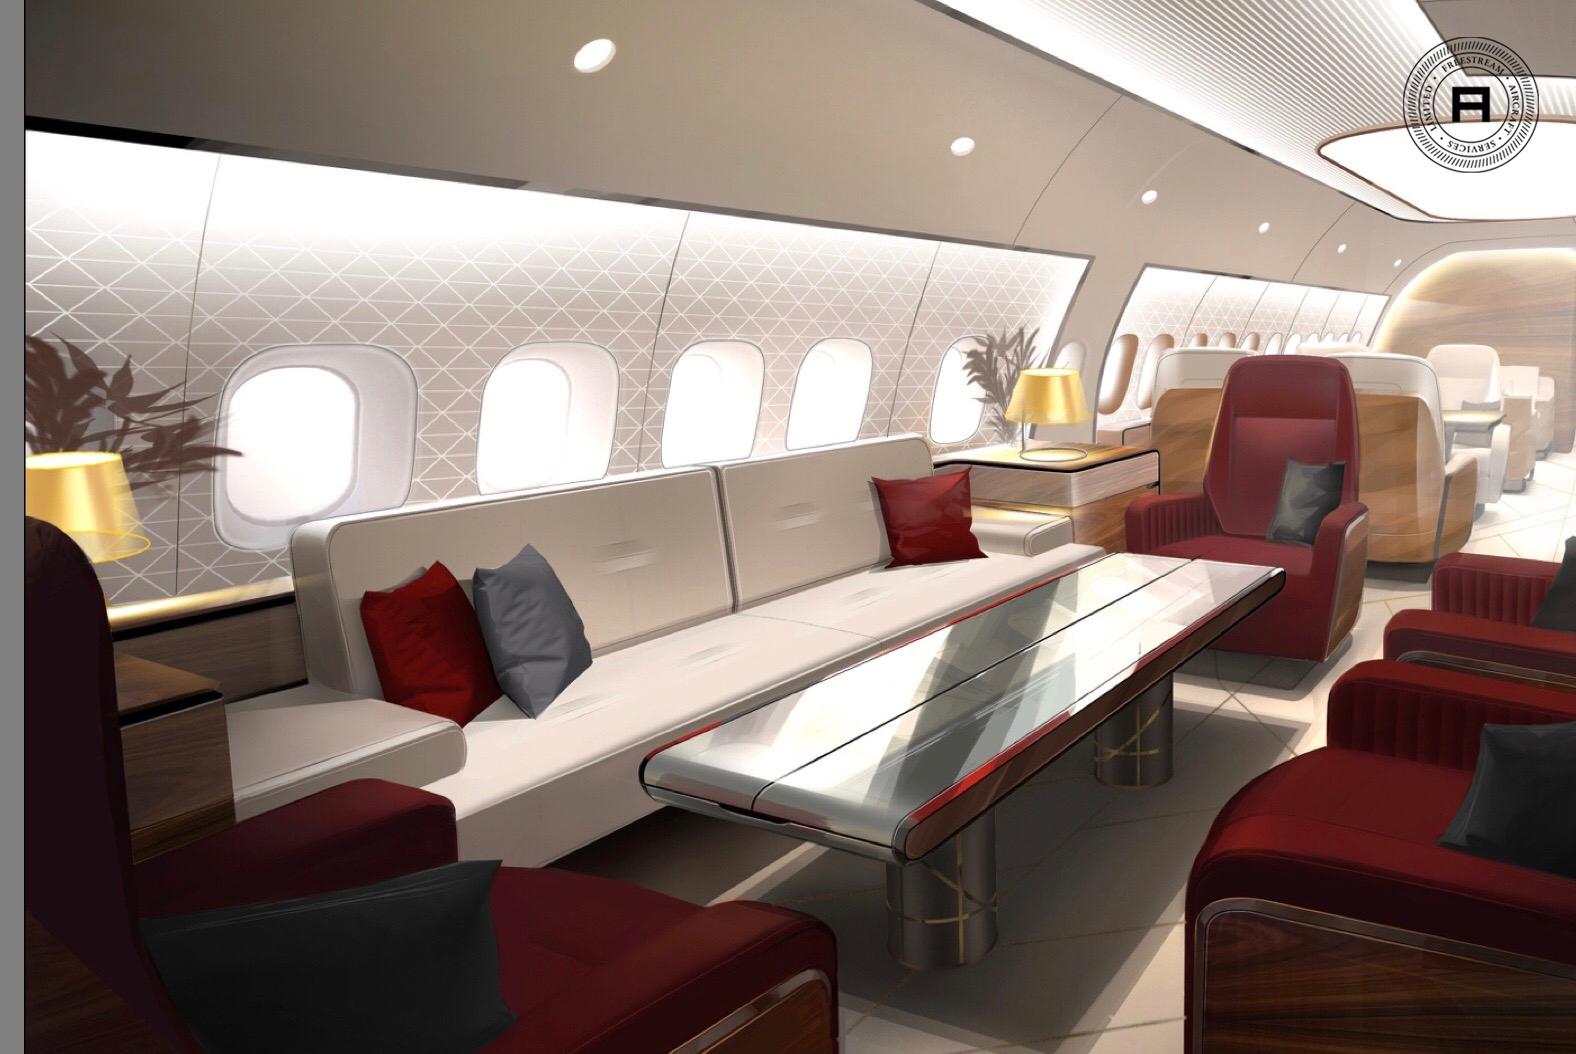 Freestream business aviation design